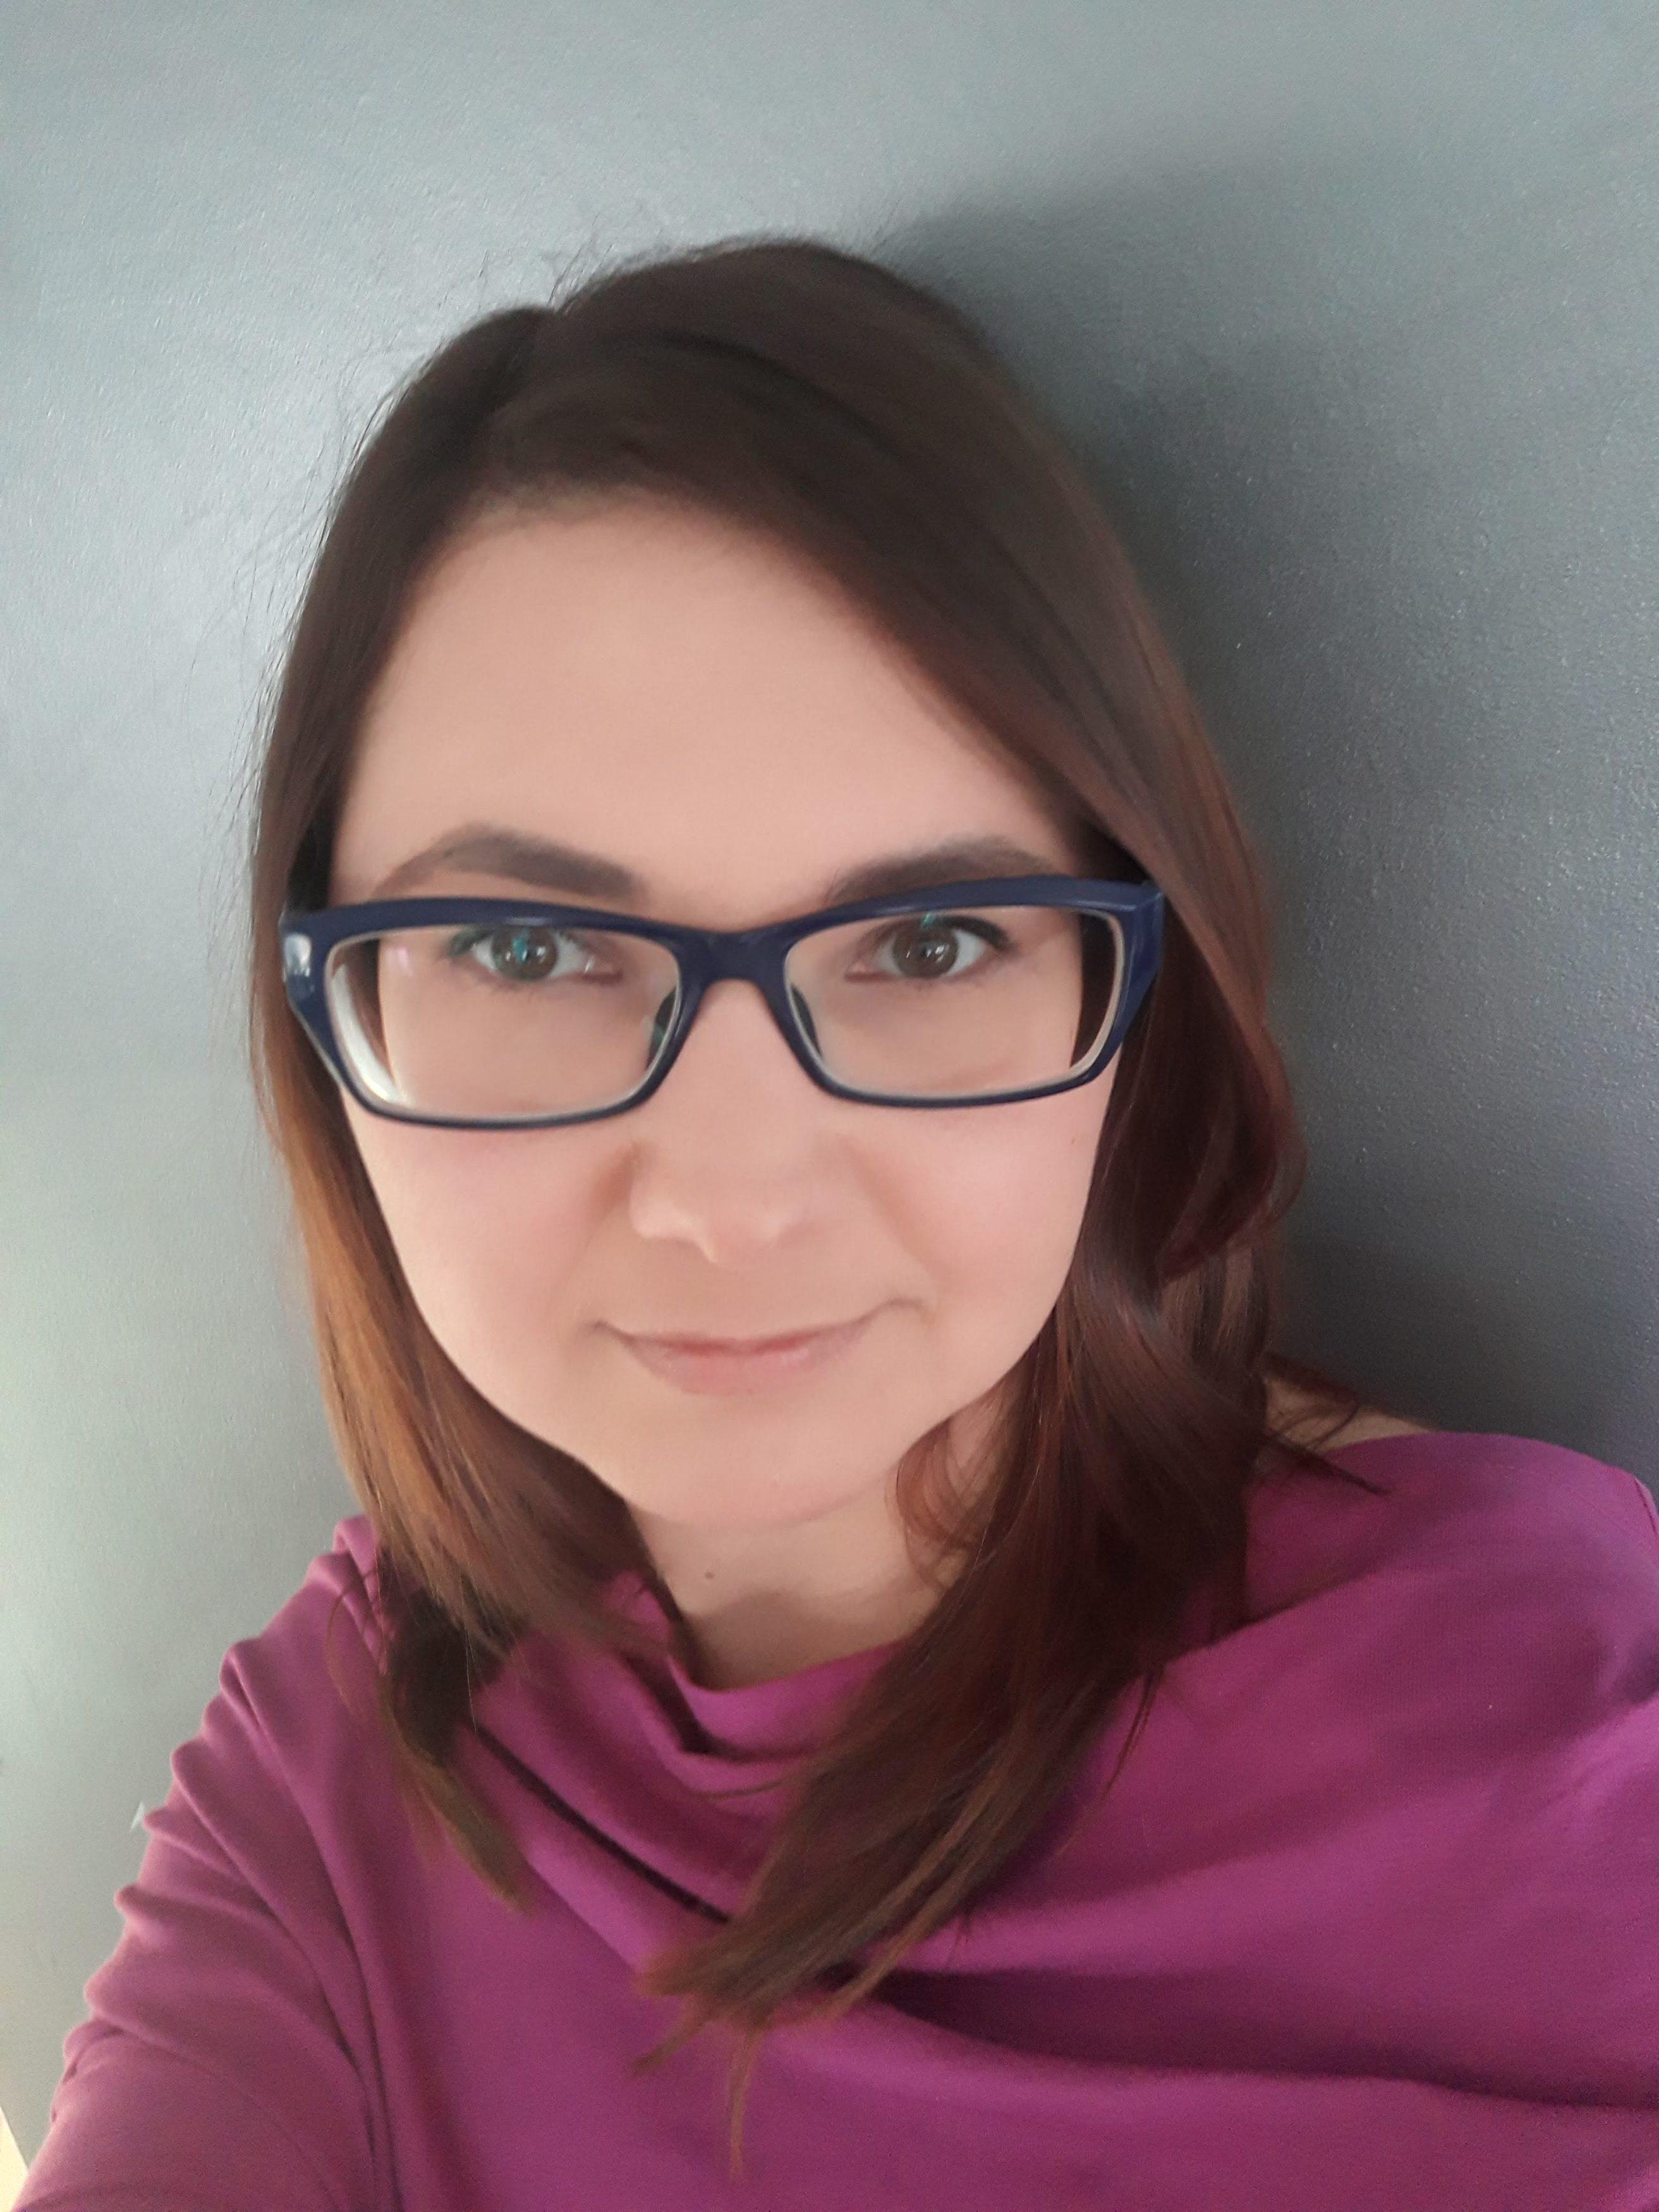 Małgosia Łapiuk Wirtualna Asystentka zdjęcie portretowe